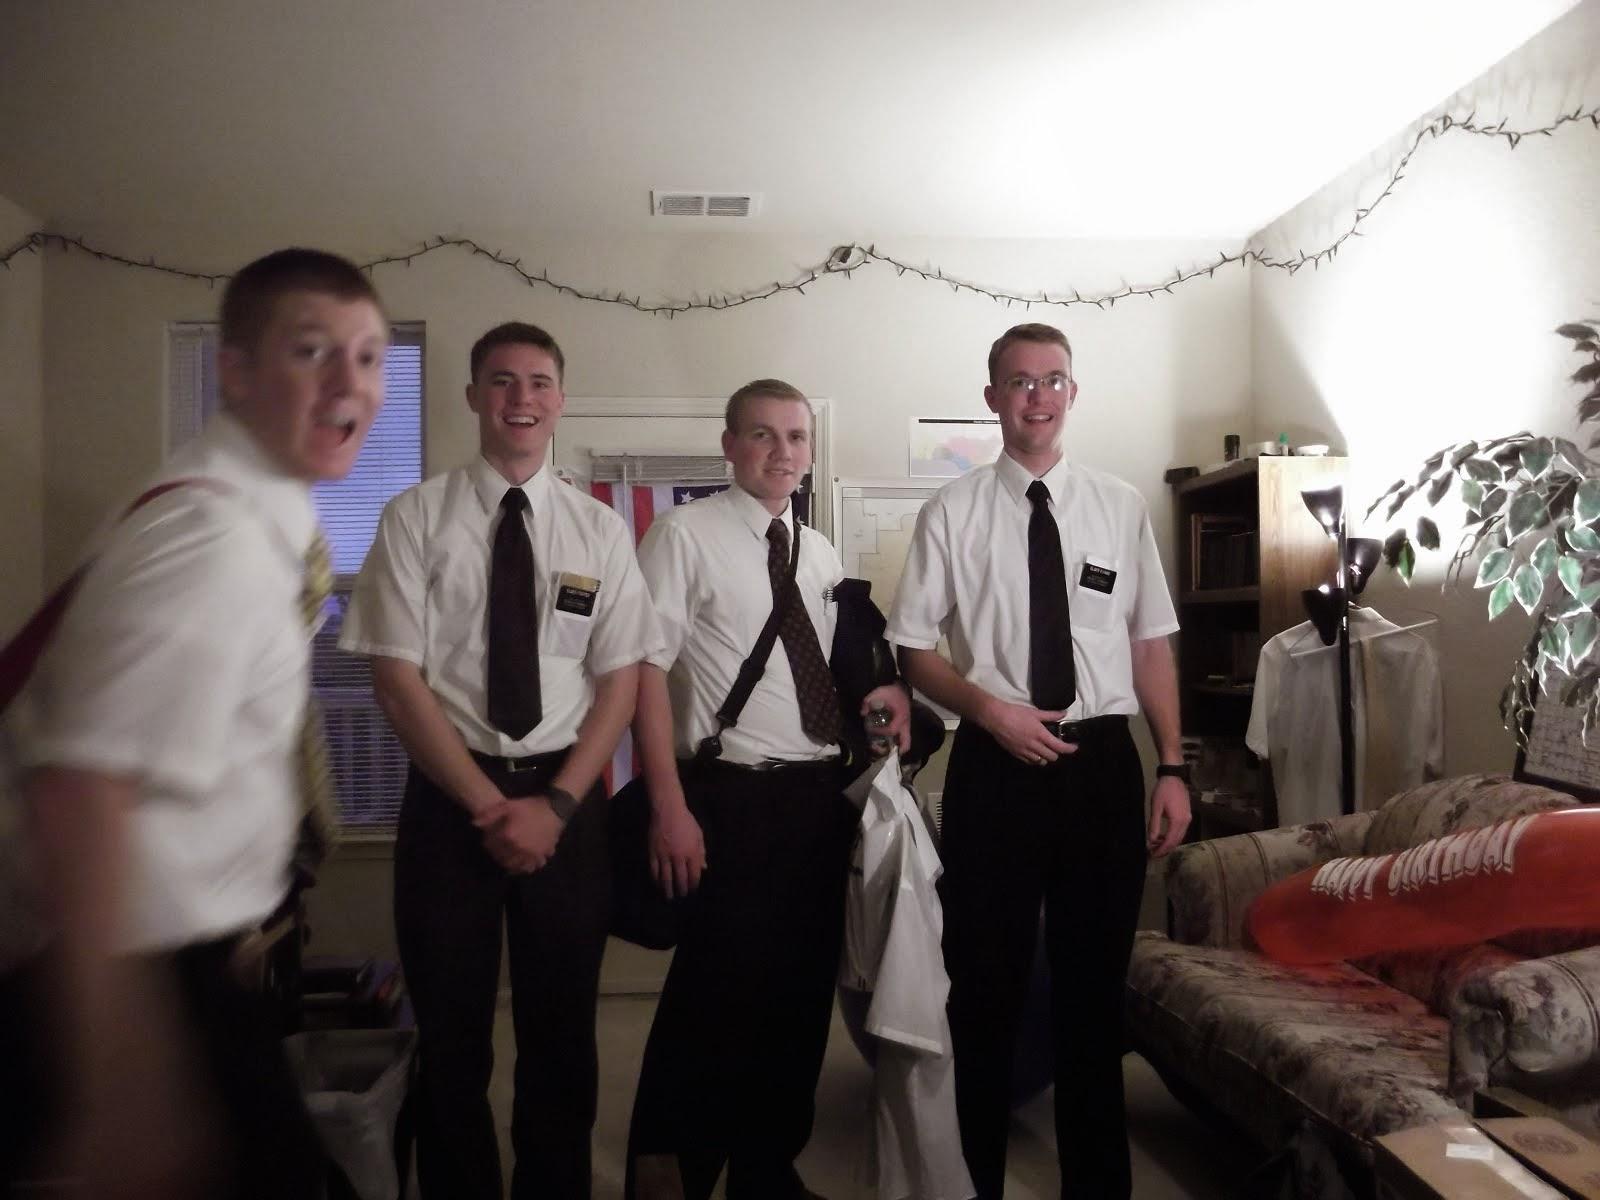 Elder Wright, Elder Foster, Elder Rhoades, Elder Evans